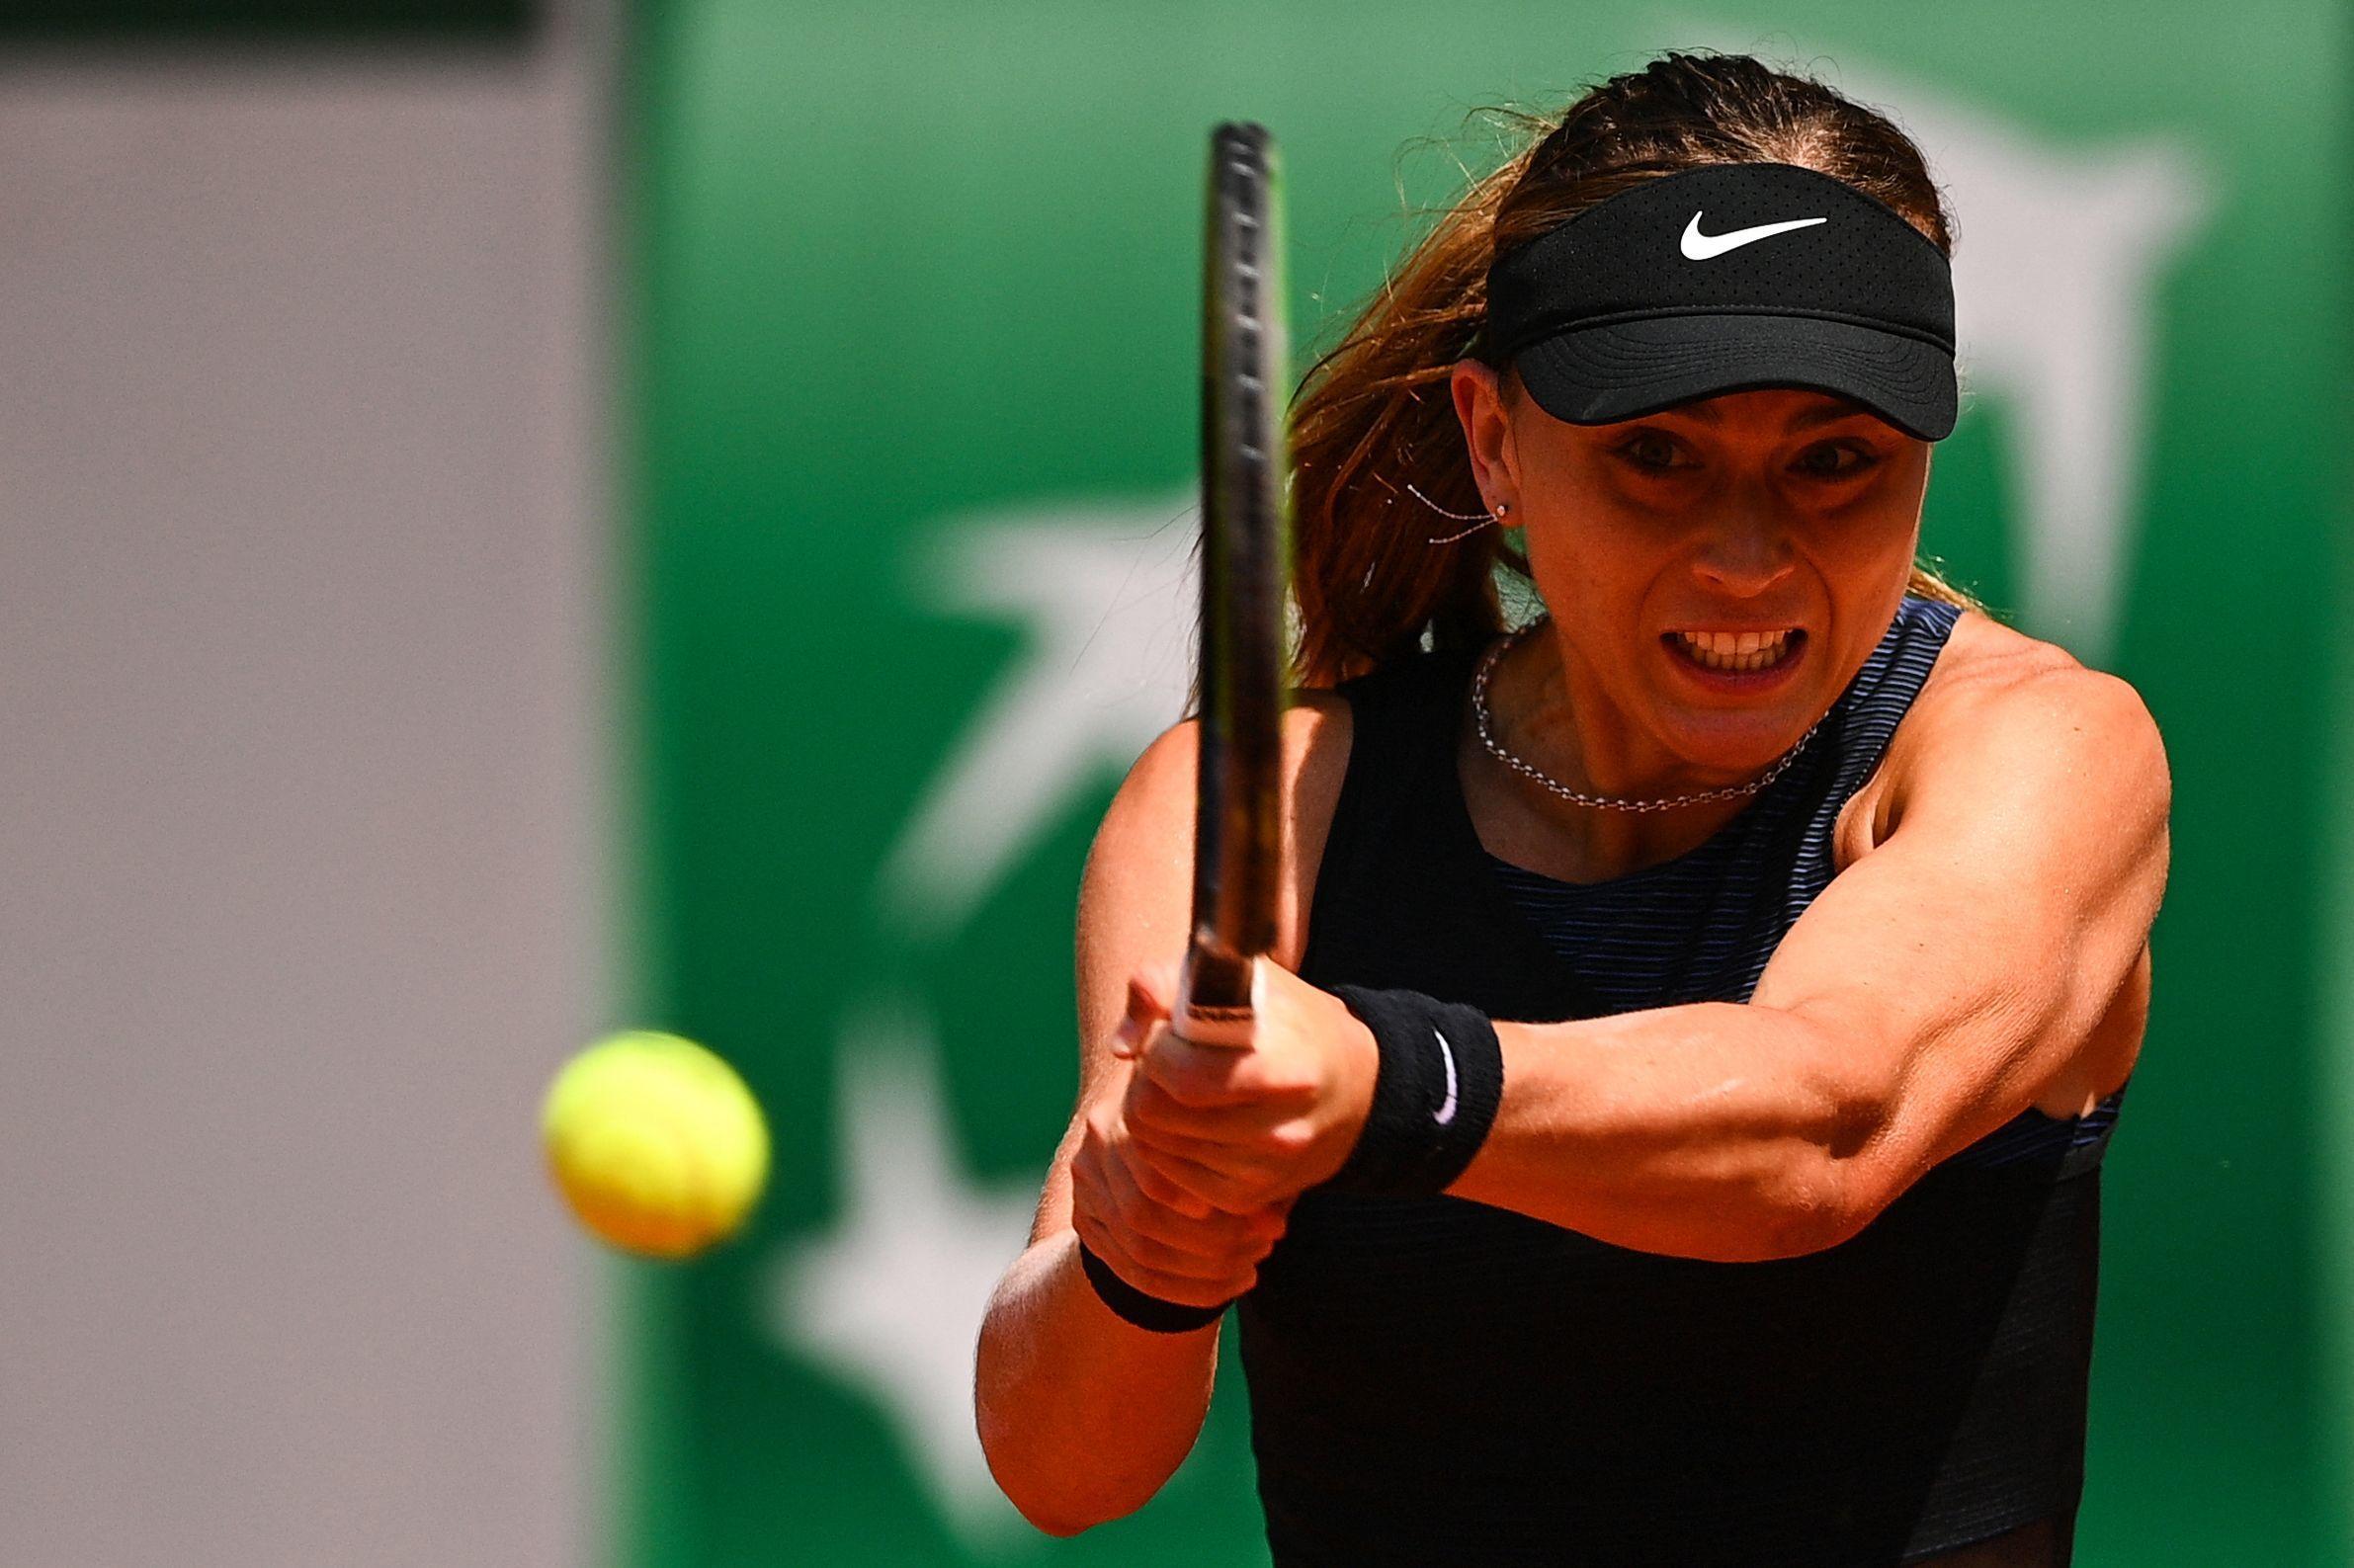 Paula Badosa, en su partido ante Zidansek.